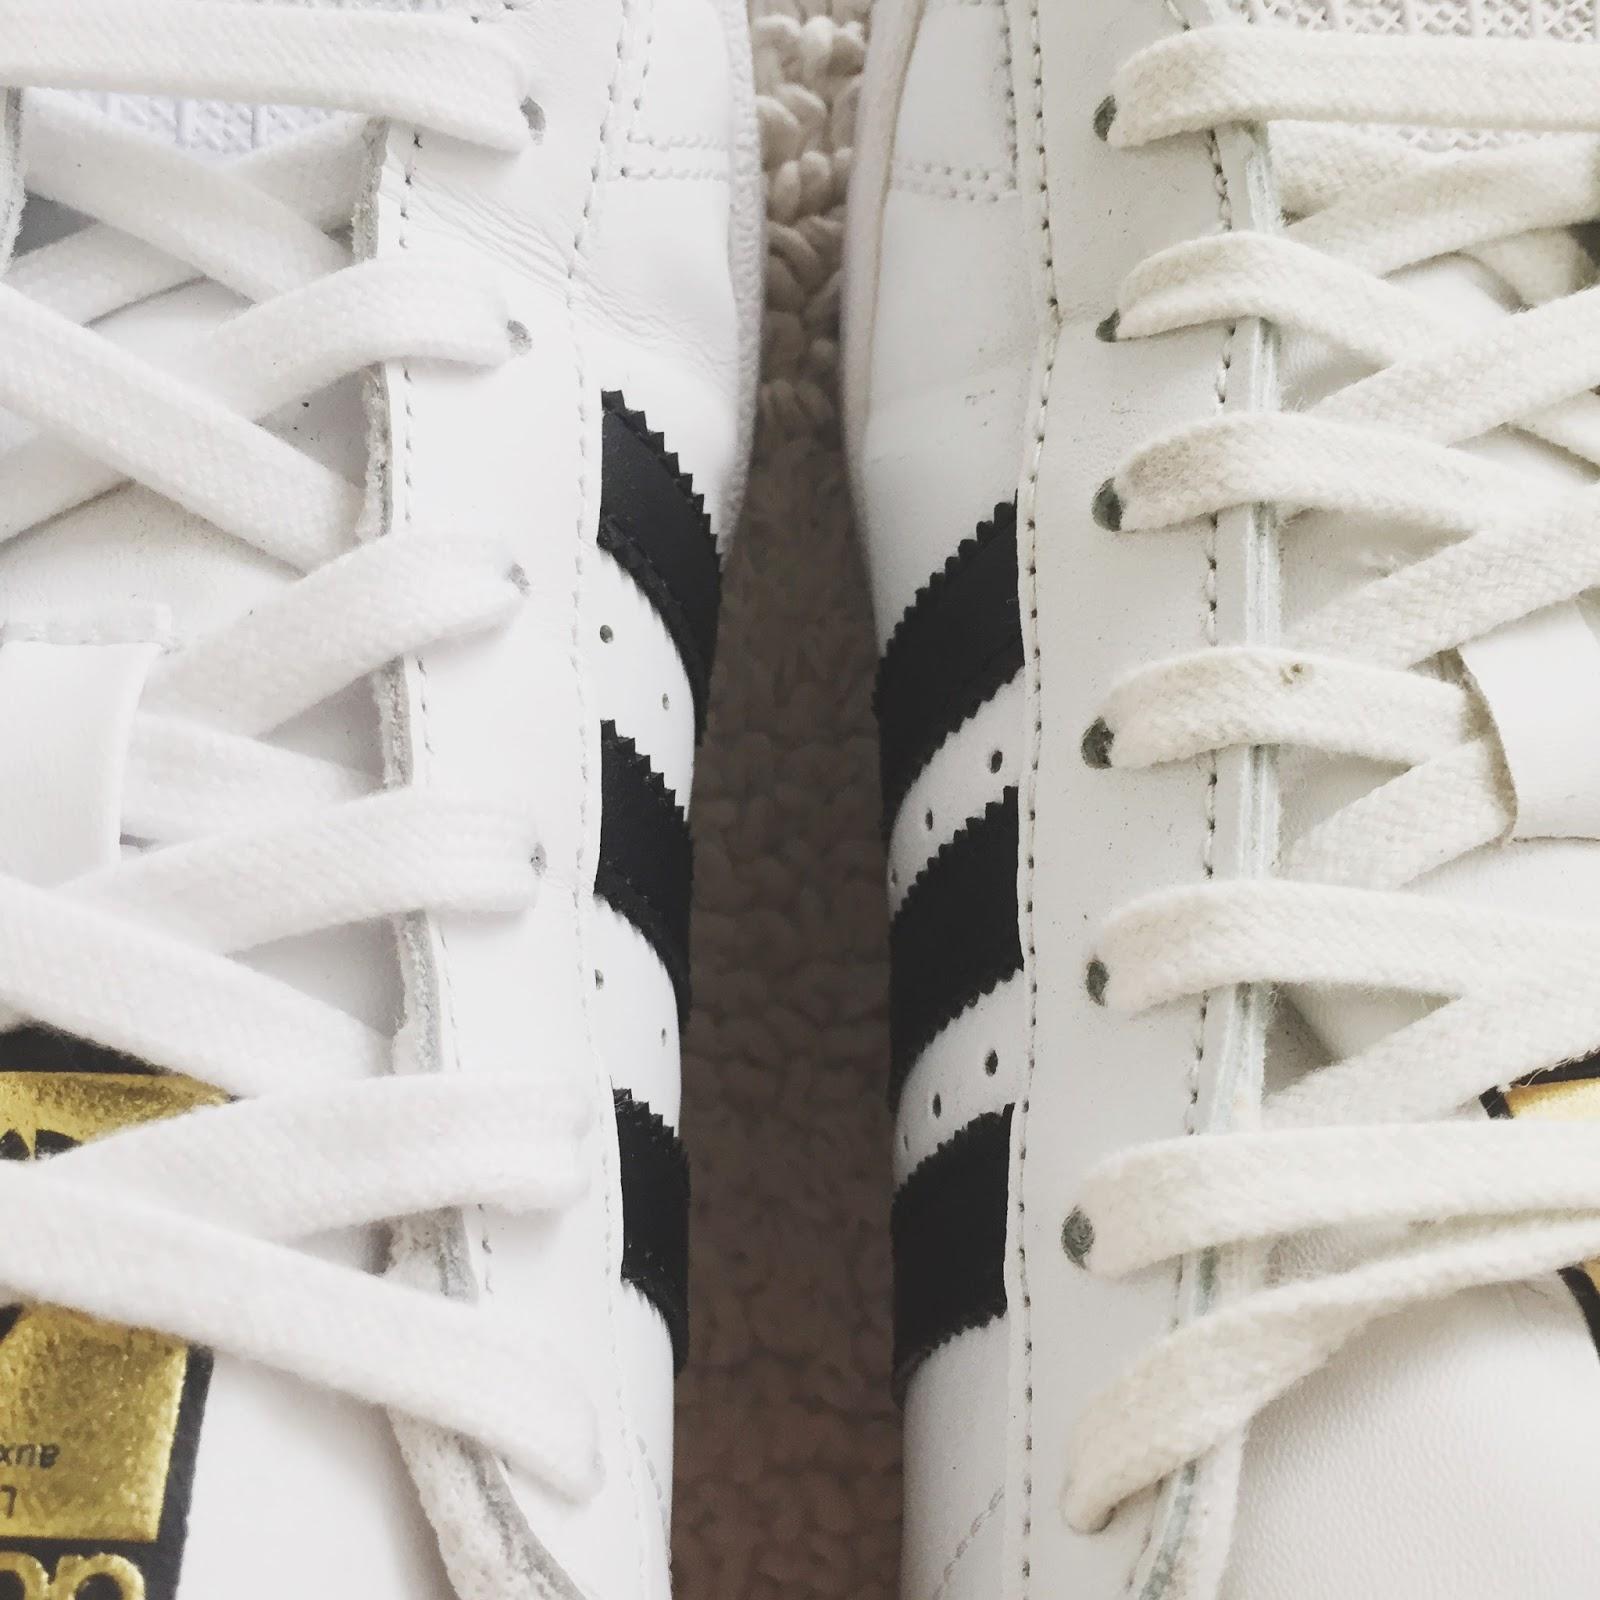 best service 7d55e 15a15 Adidas Superstar White Fake Vs Original